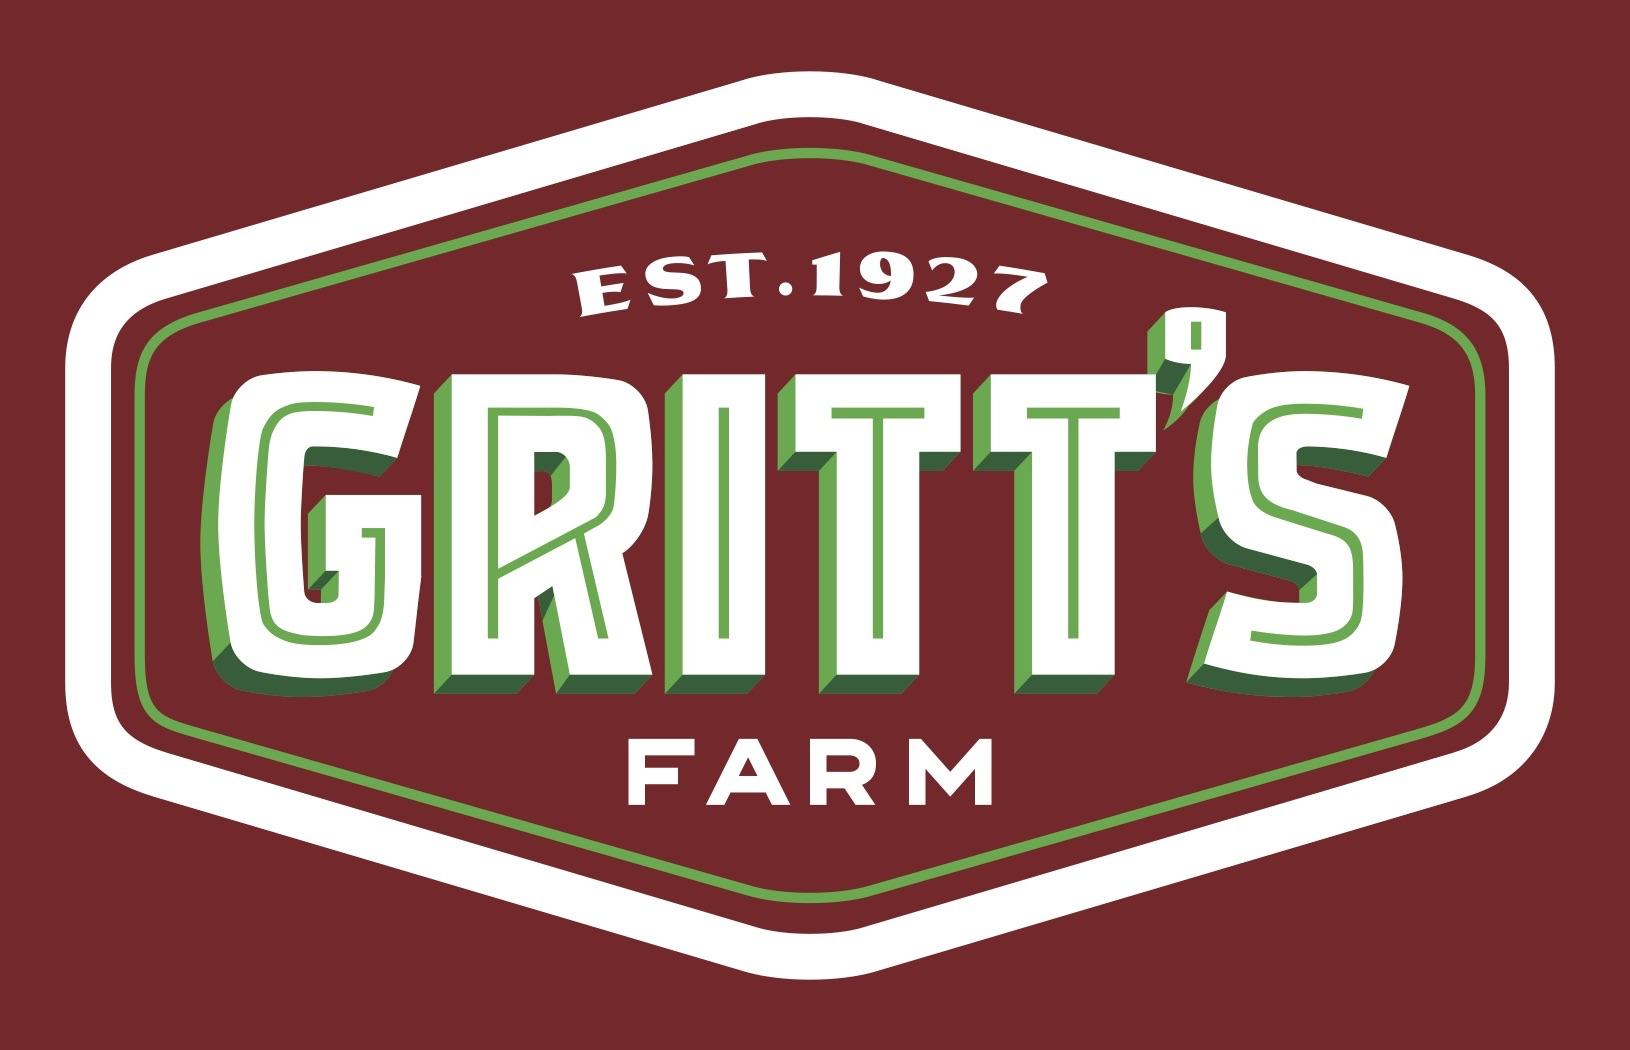 Gritt's Farm